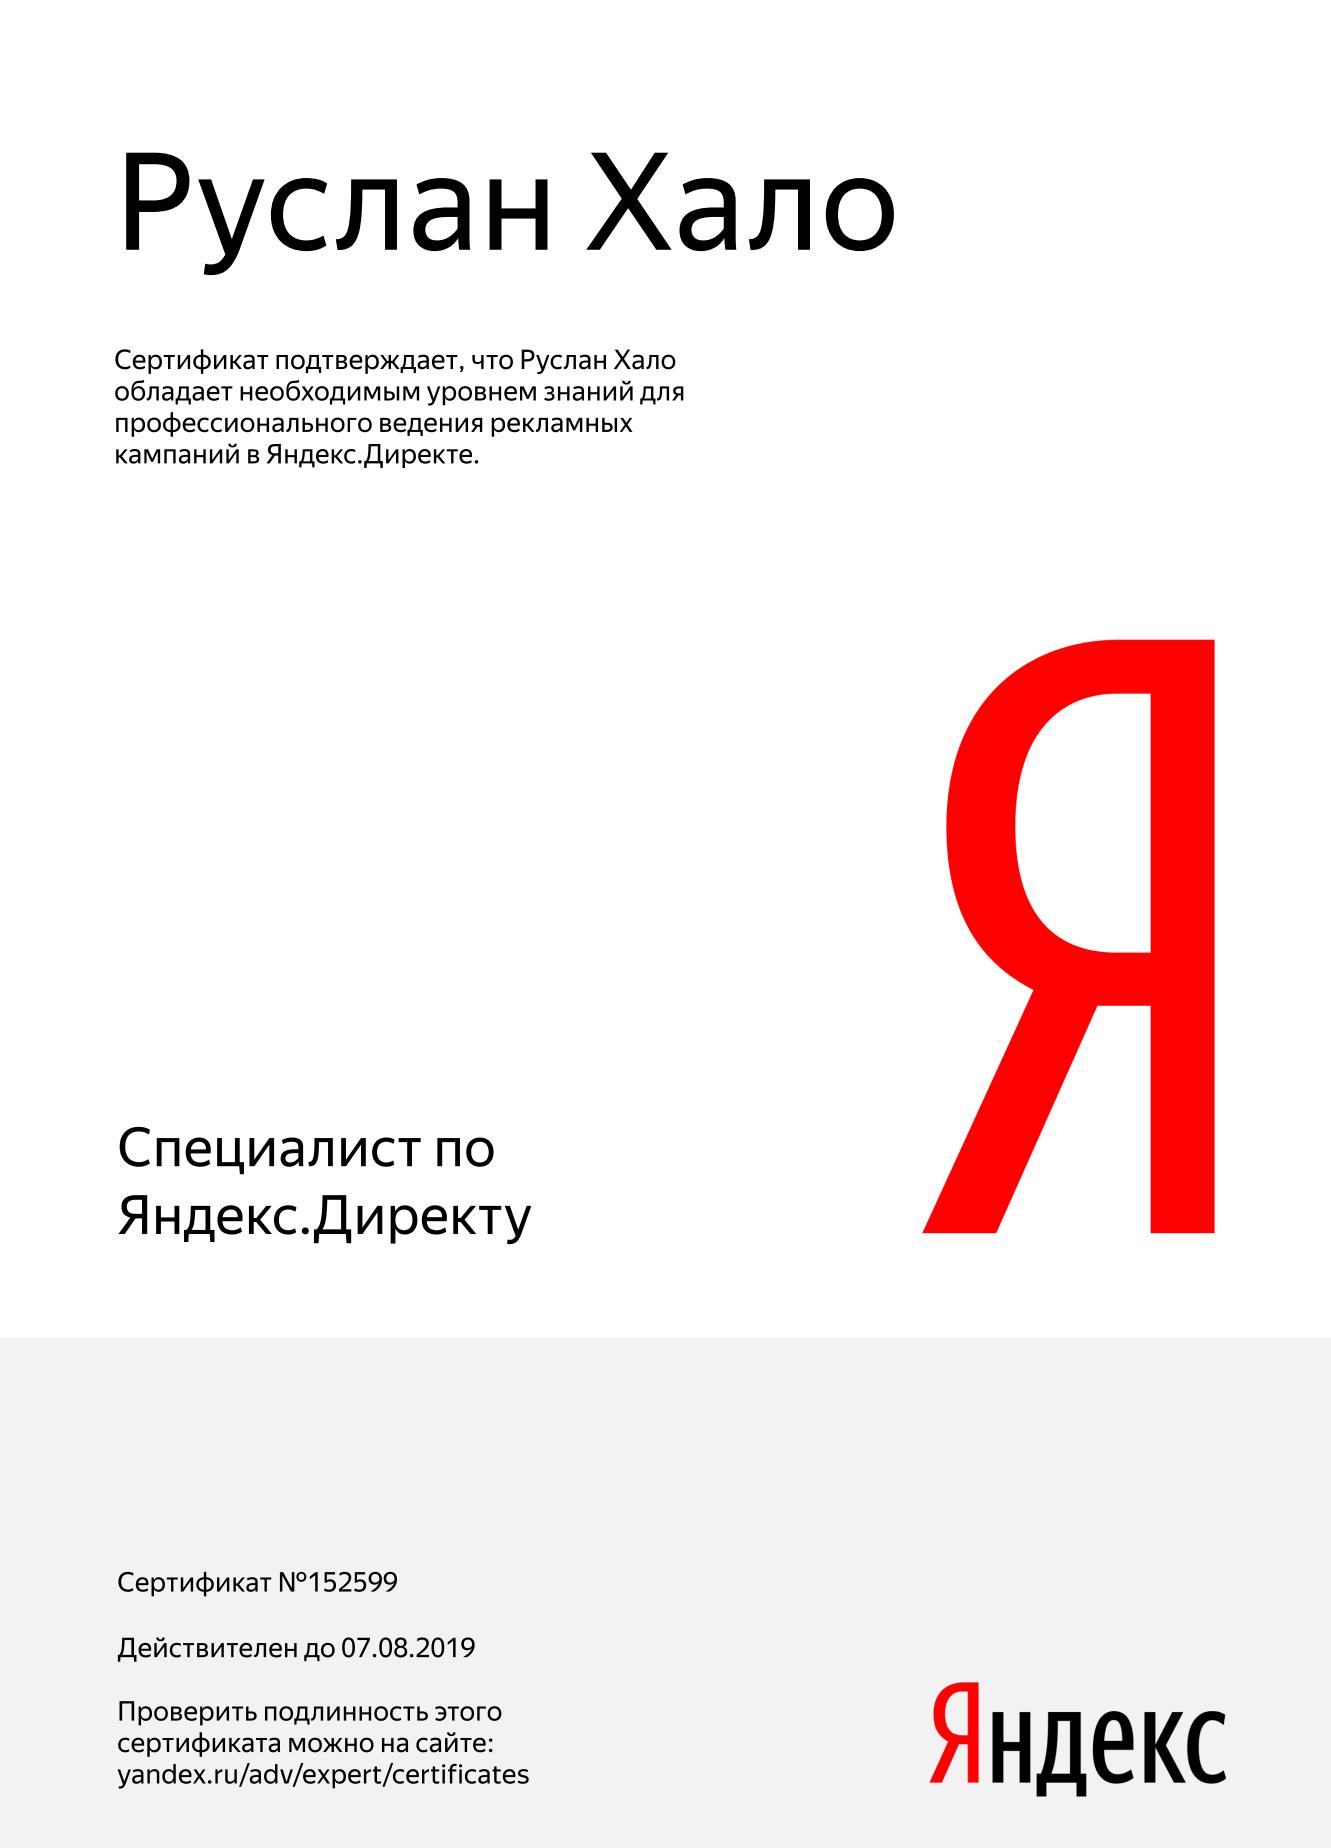 Сертификат специалиста по Яндекс.Директу